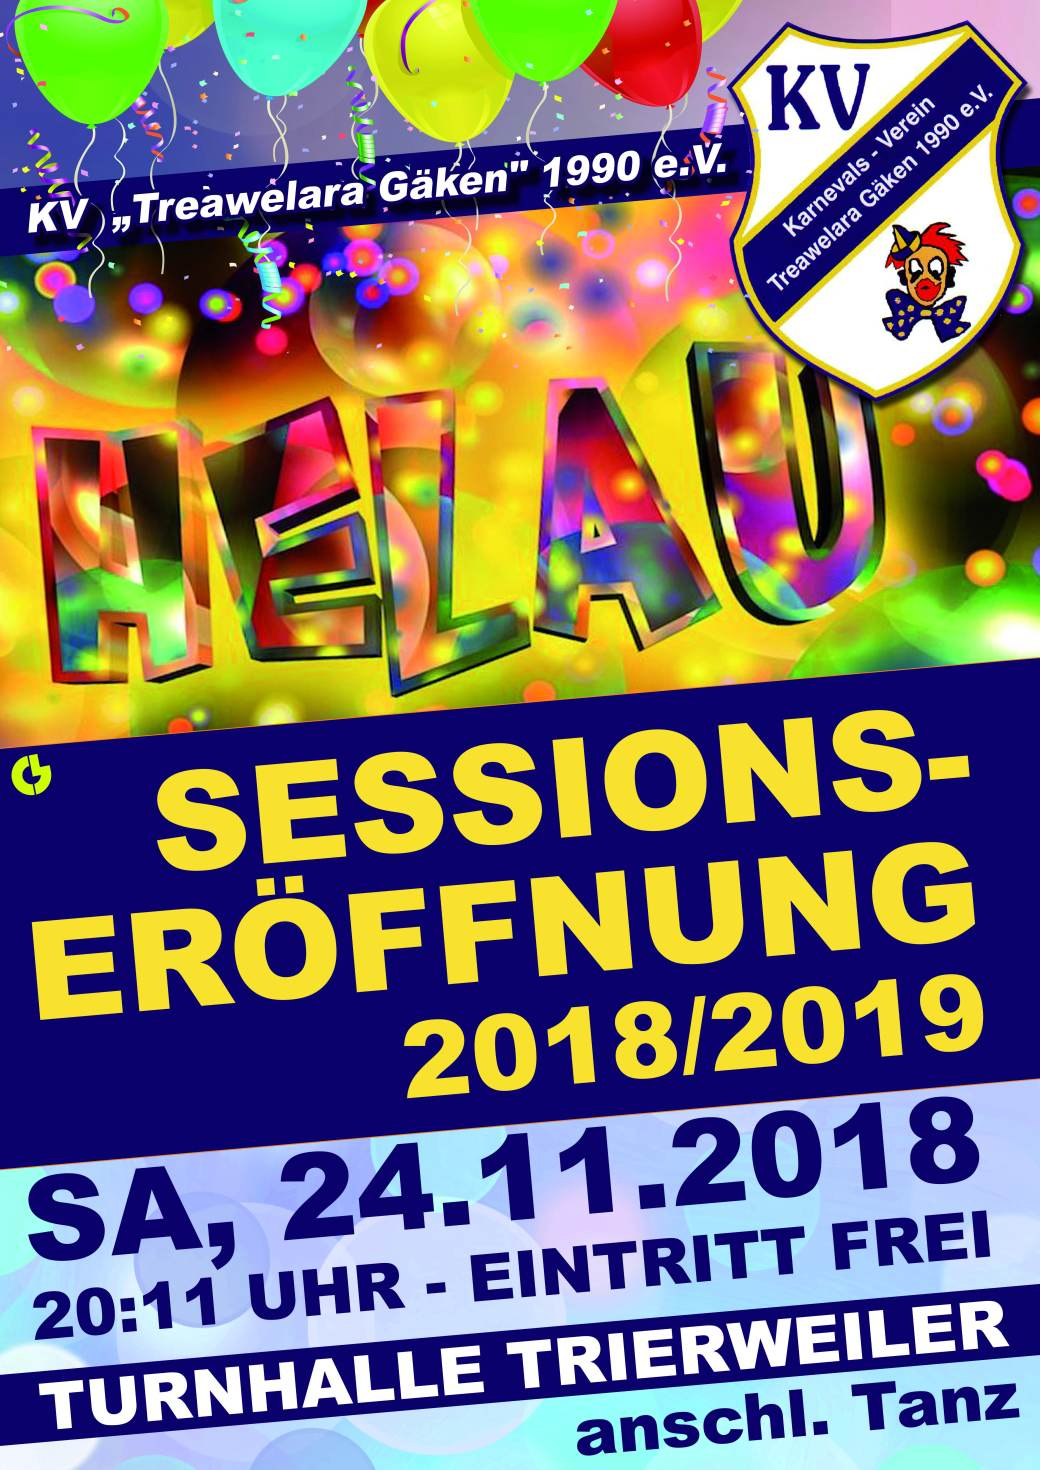 Sessionseröffung-2018